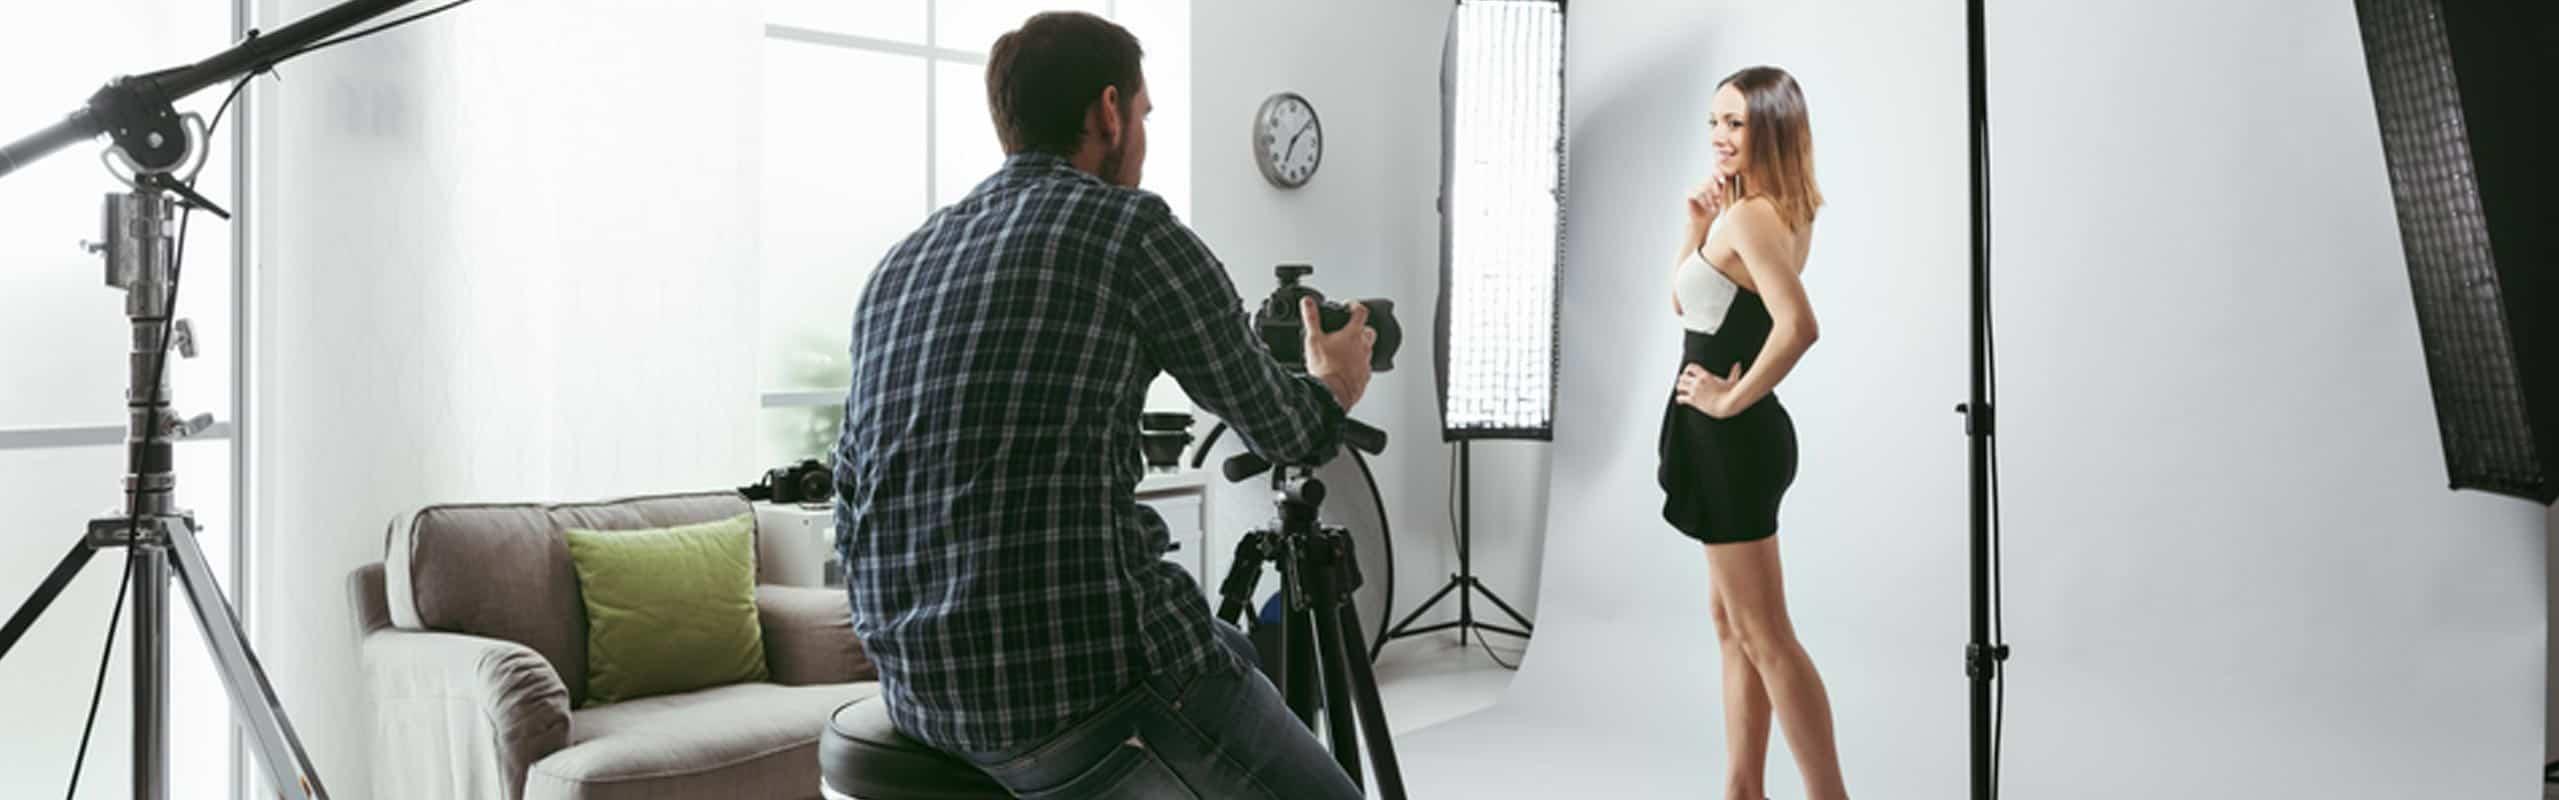 Descubre el book de fotos y cómo hacer uno paso a paso